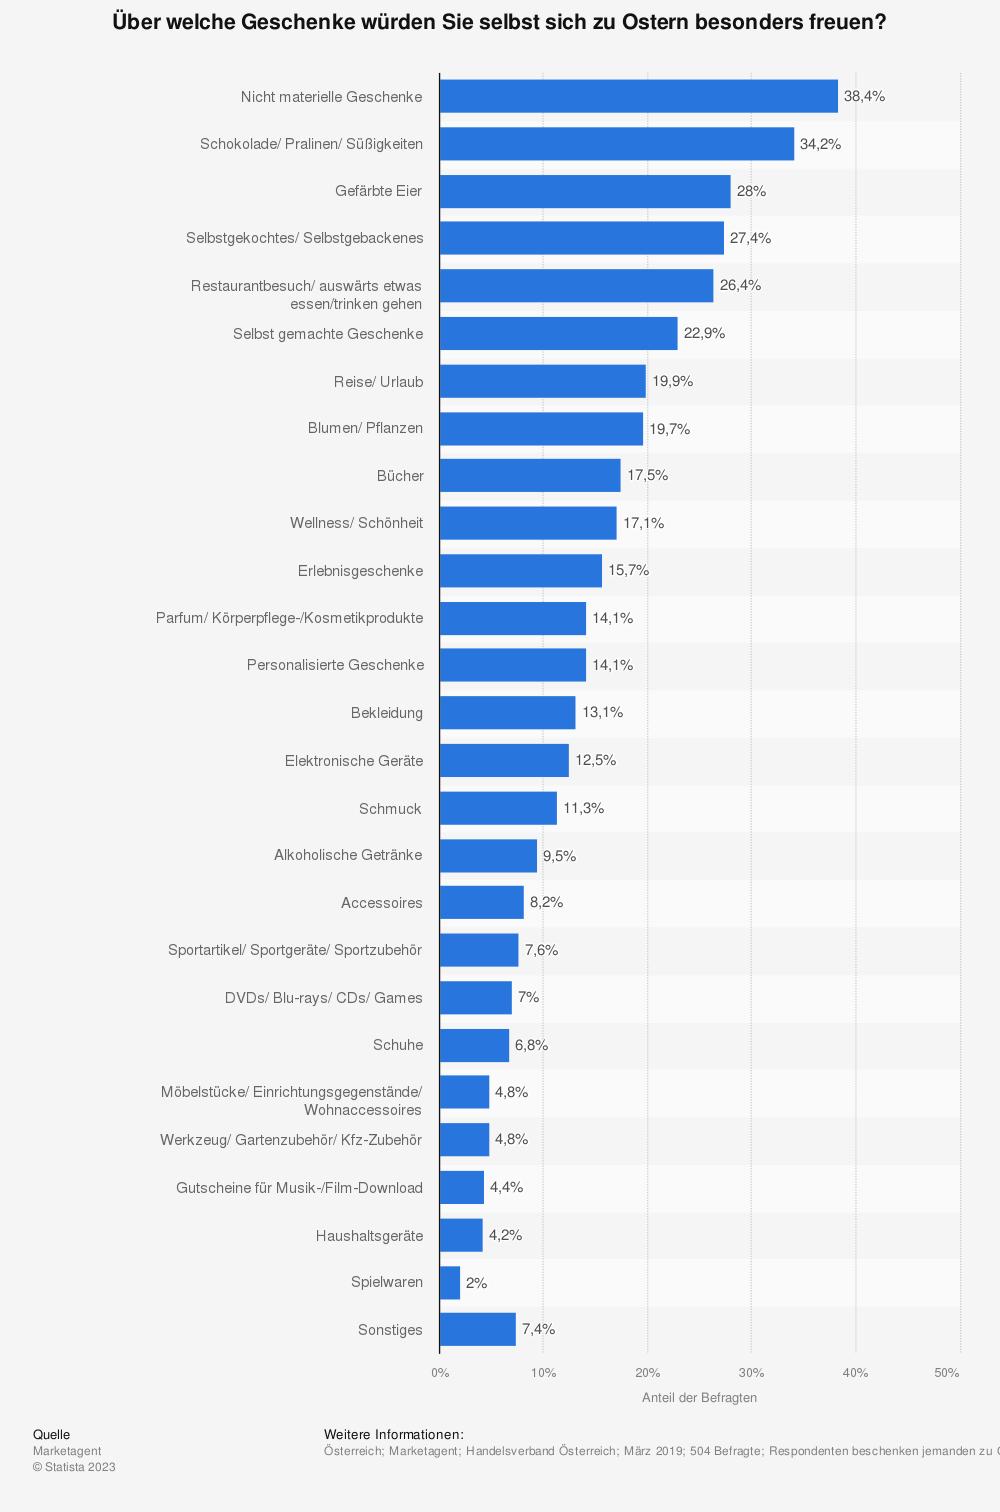 Statistik: Über welche Geschenke würden Sie selbst sich zu Ostern besonders freuen? | Statista